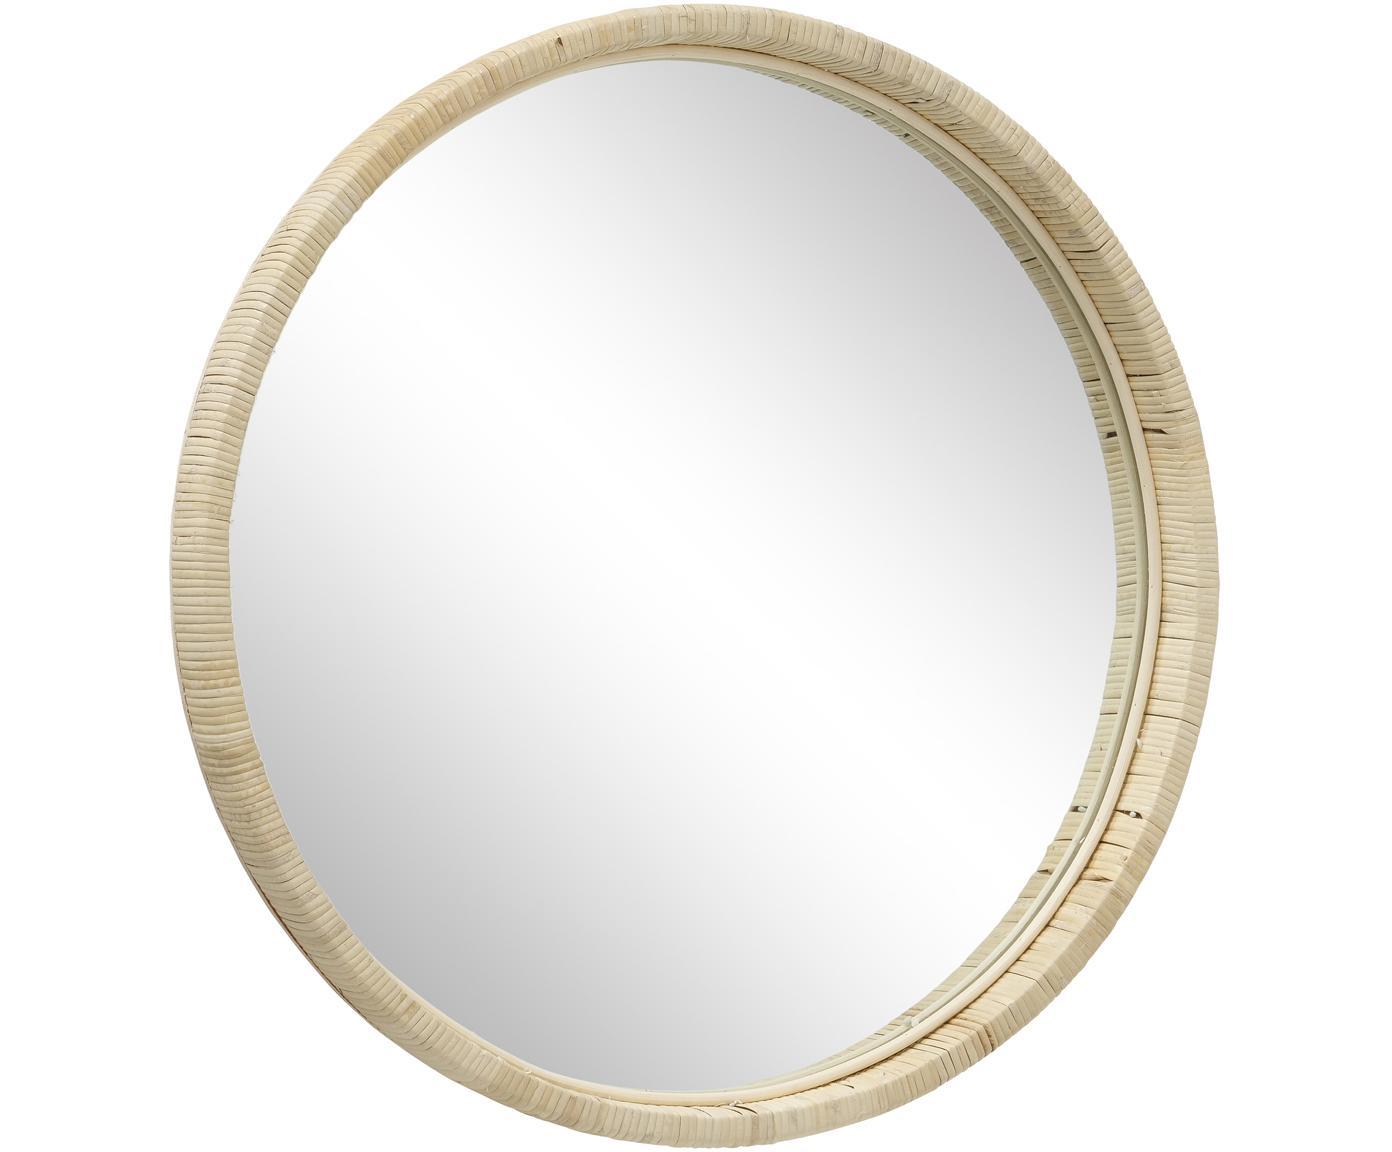 Specchio rotondo da parete Yori, Bambù, lastra di vetro, Beige, Ø 50 cm